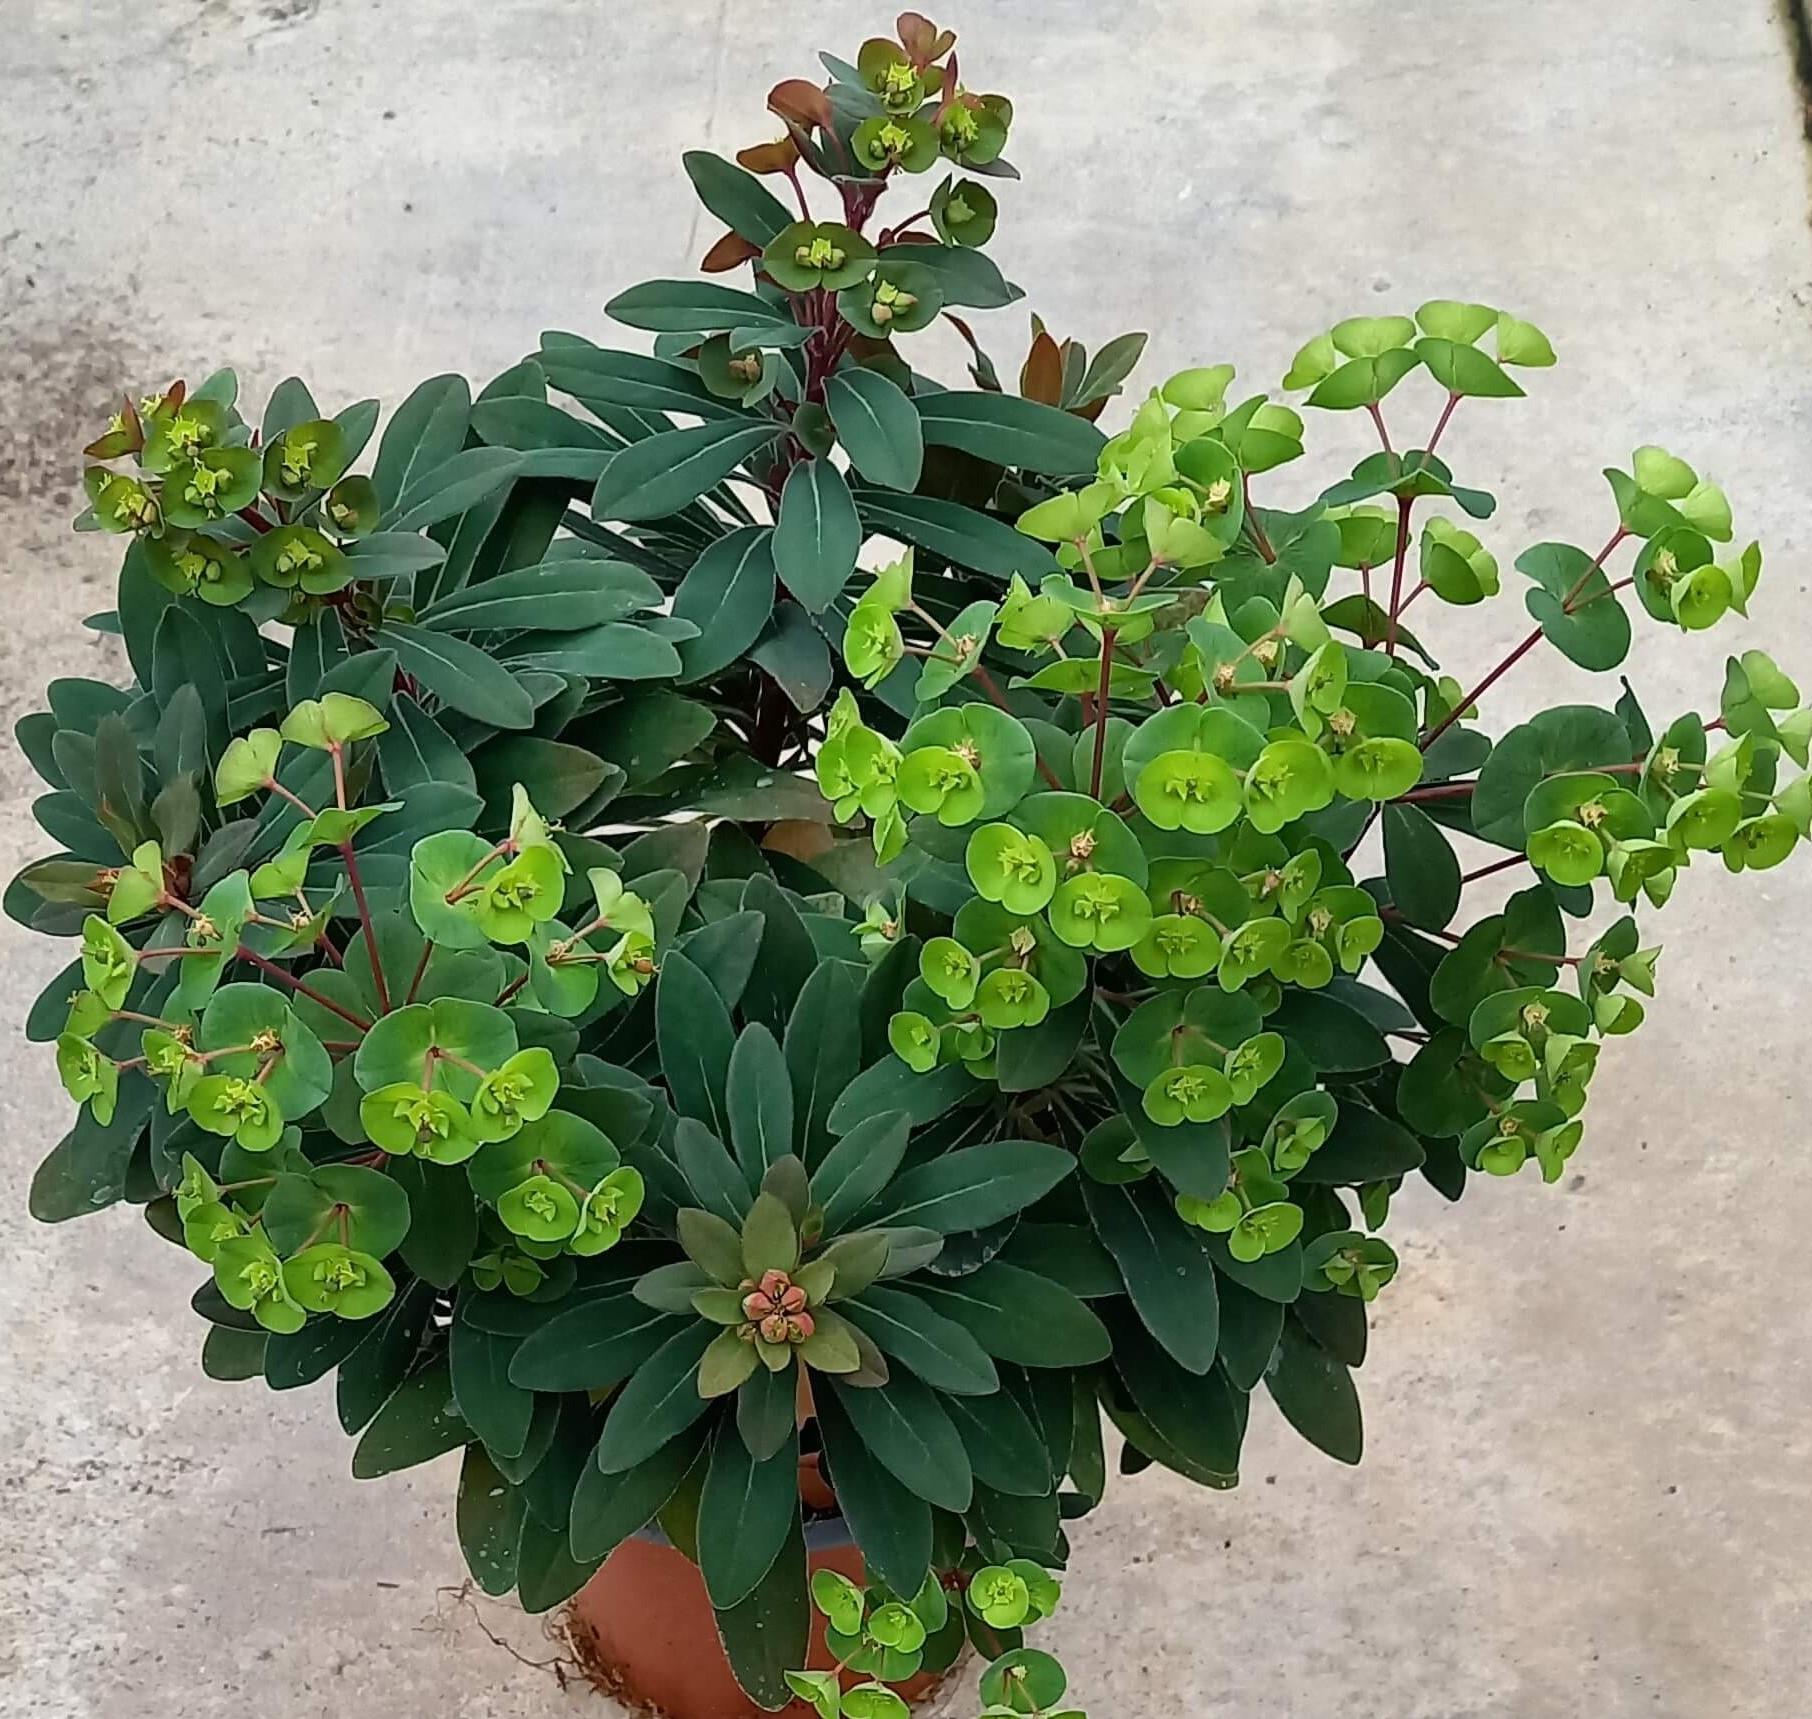 Mandelblättrige Wolfsmilch (Euphorbia amygdaloides) 'Efanthia' T12 - winterhart -